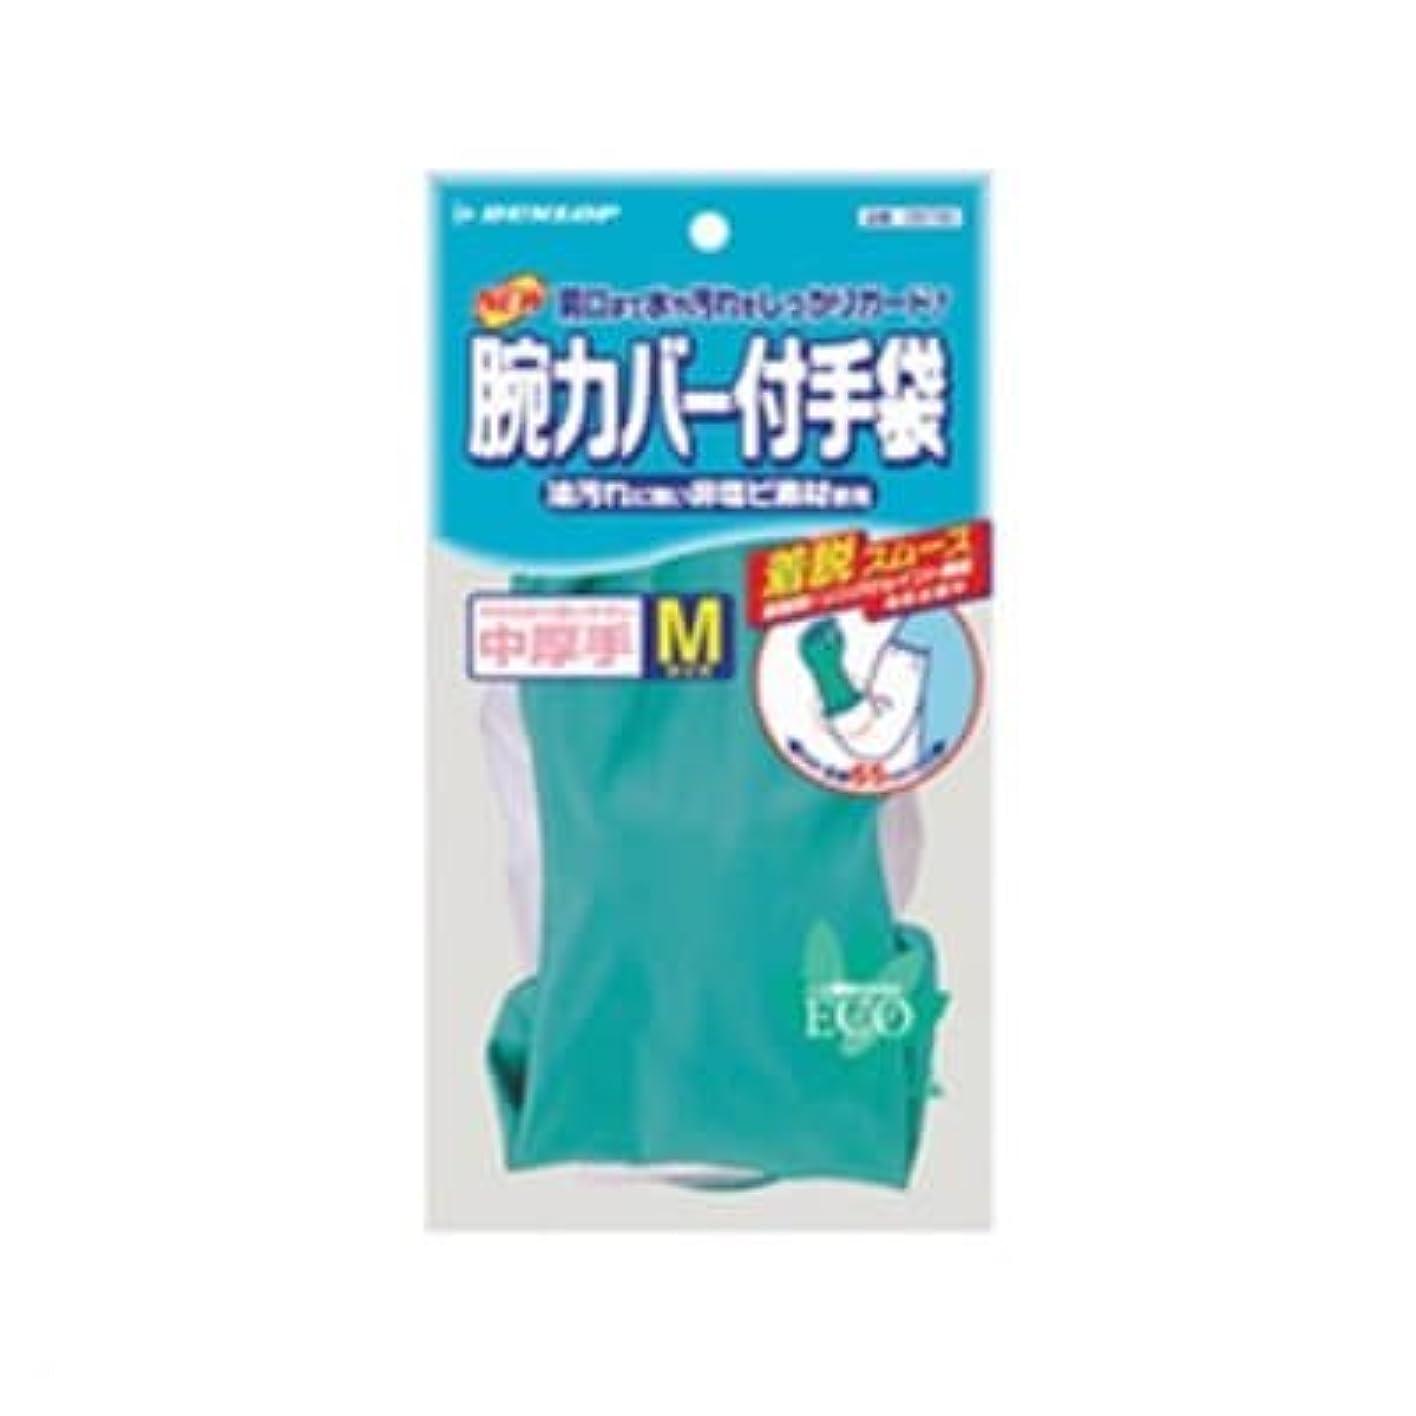 ホールドルール抵当【ケース販売】 ダンロップ ニトリル中厚手 腕カバー付手袋 M グリーン (5双×12袋)